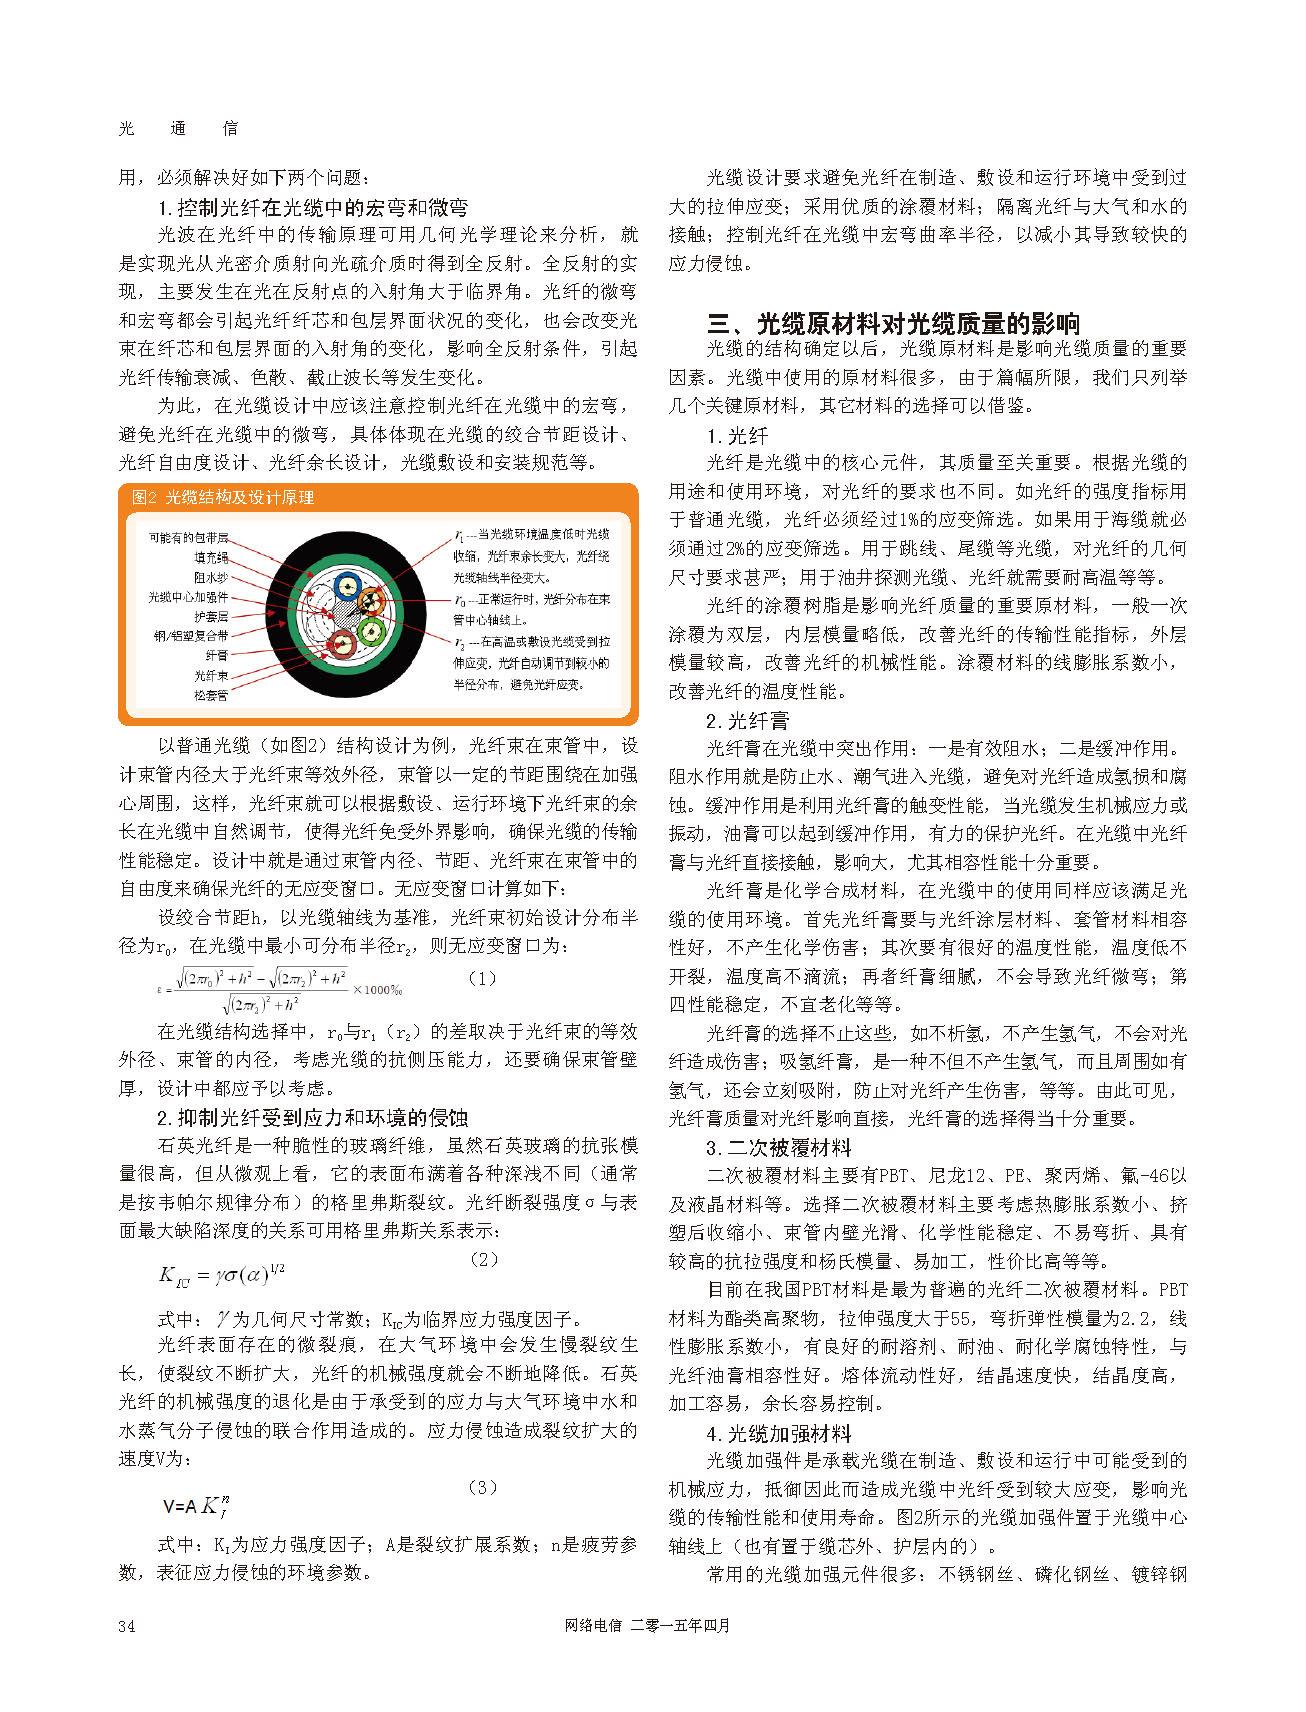 电信2015-04_页面_34.jpg